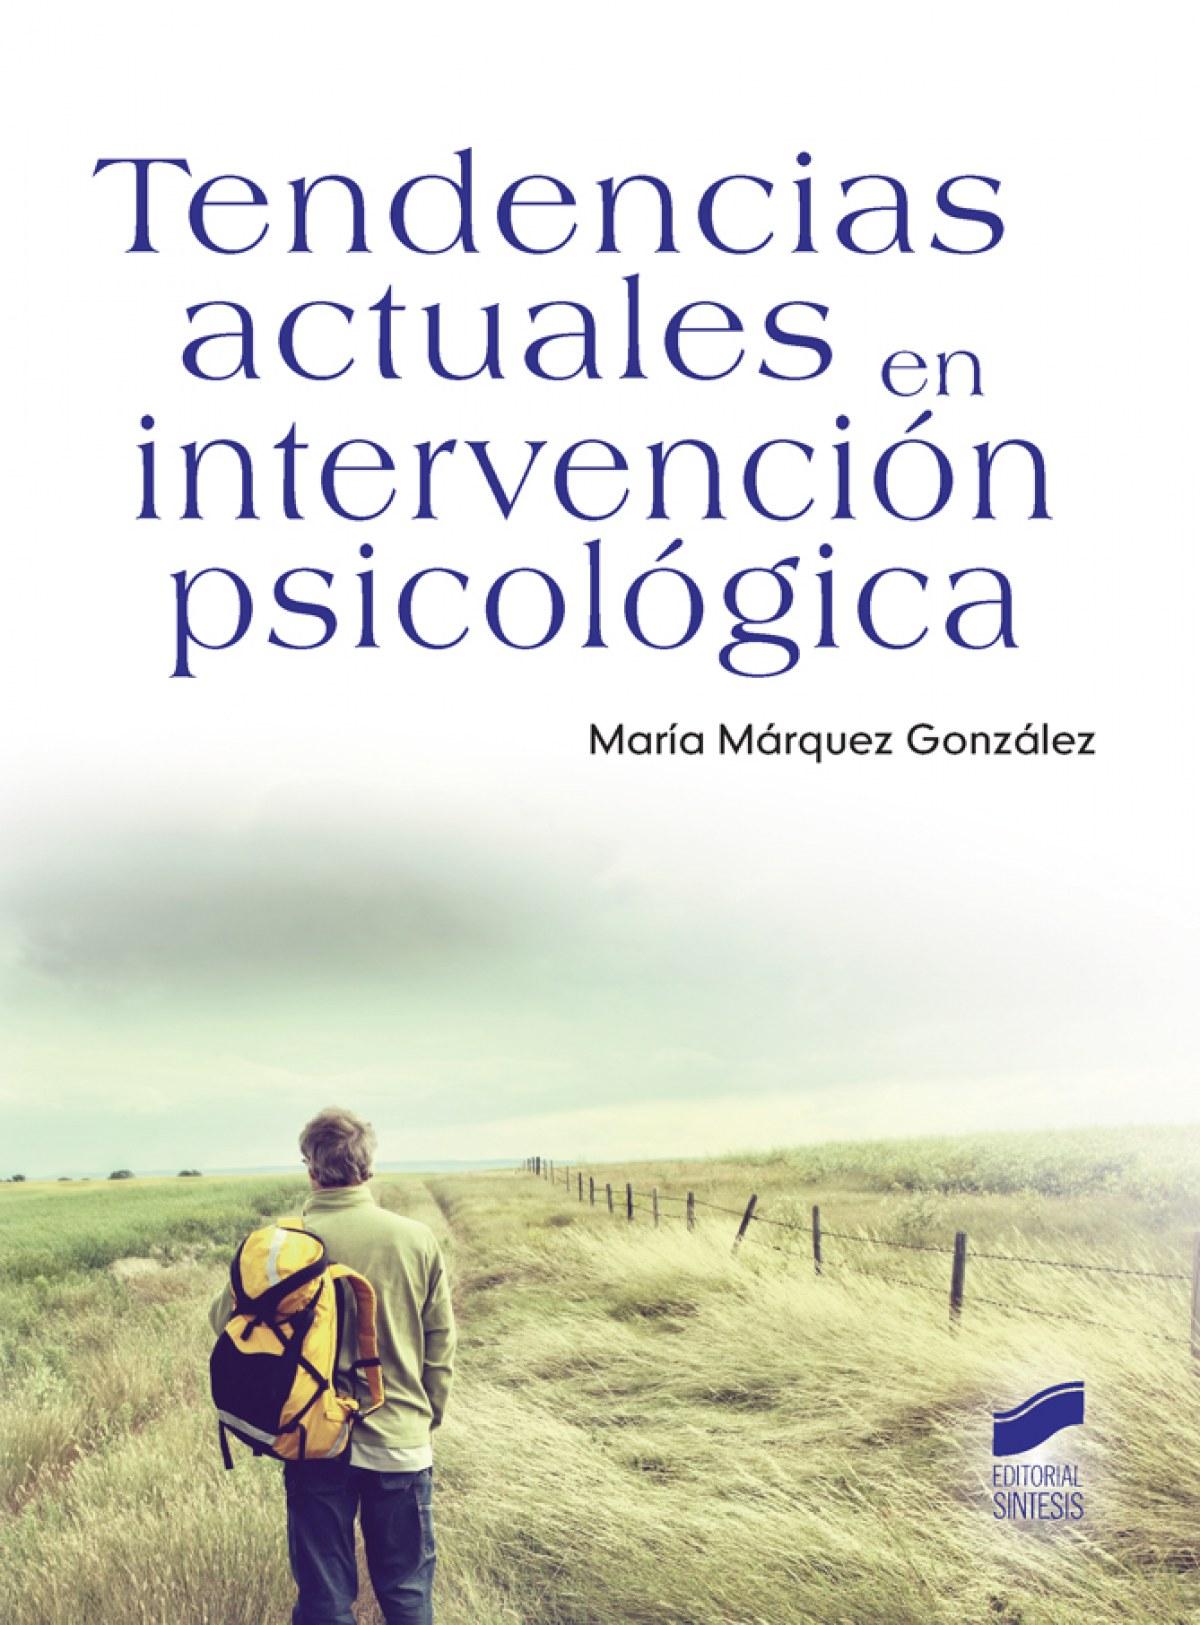 Tendencias actuales en intervención  psicológica. PDF